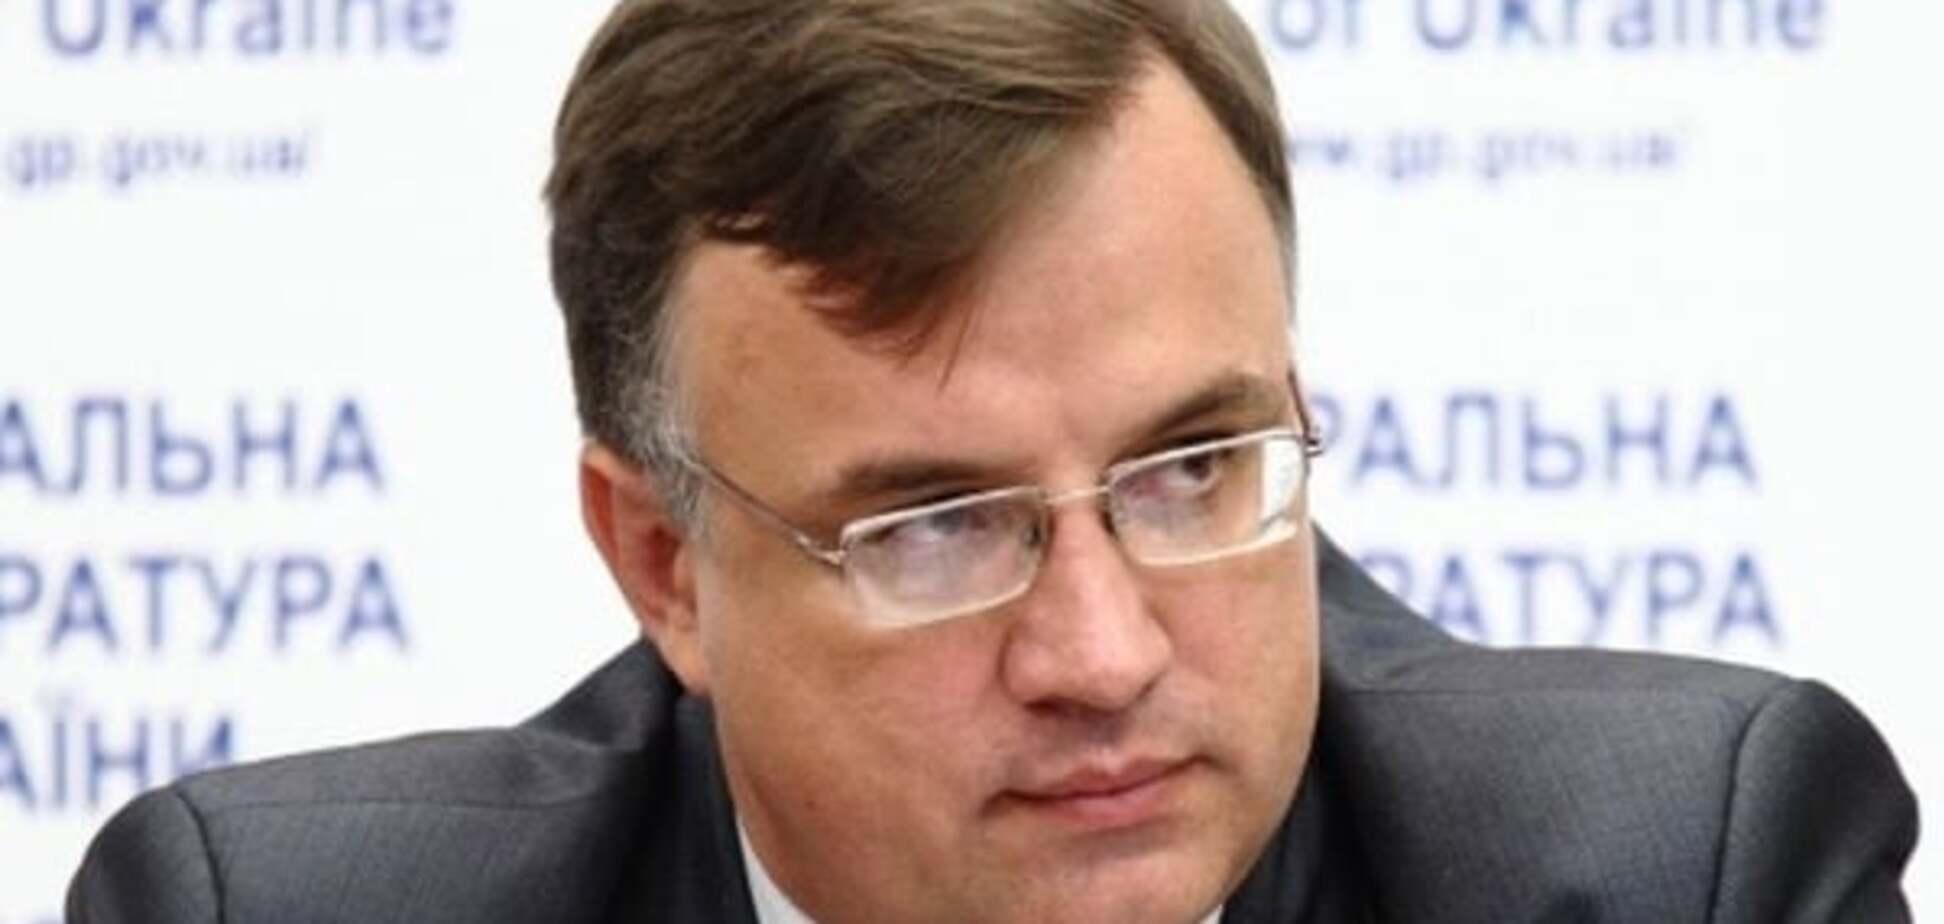 Порошенко не пропонував Севруку очолити Генпрокуратуру - ЗМІ